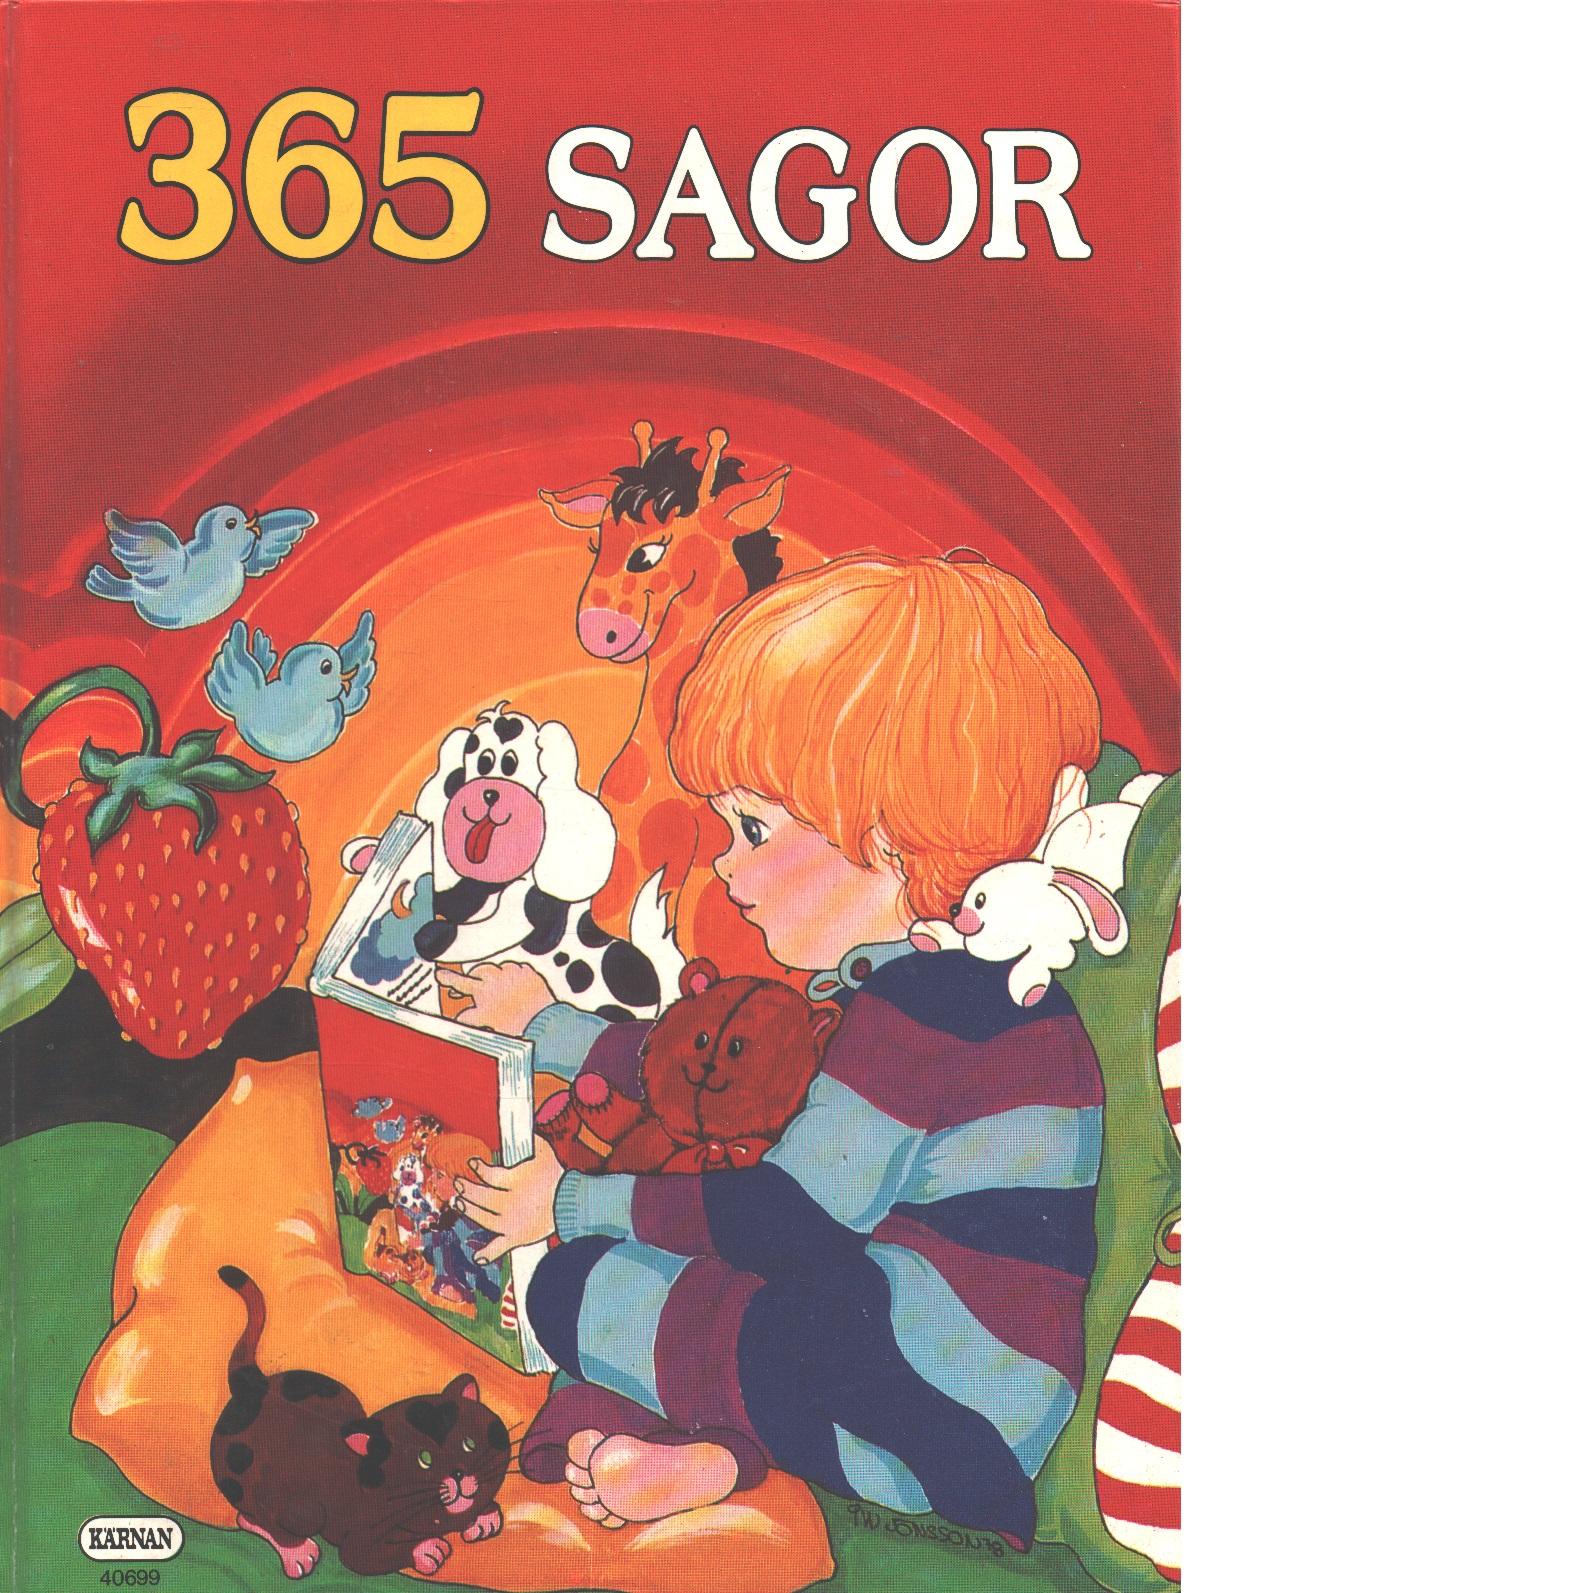 365 godnattsagor - Red.